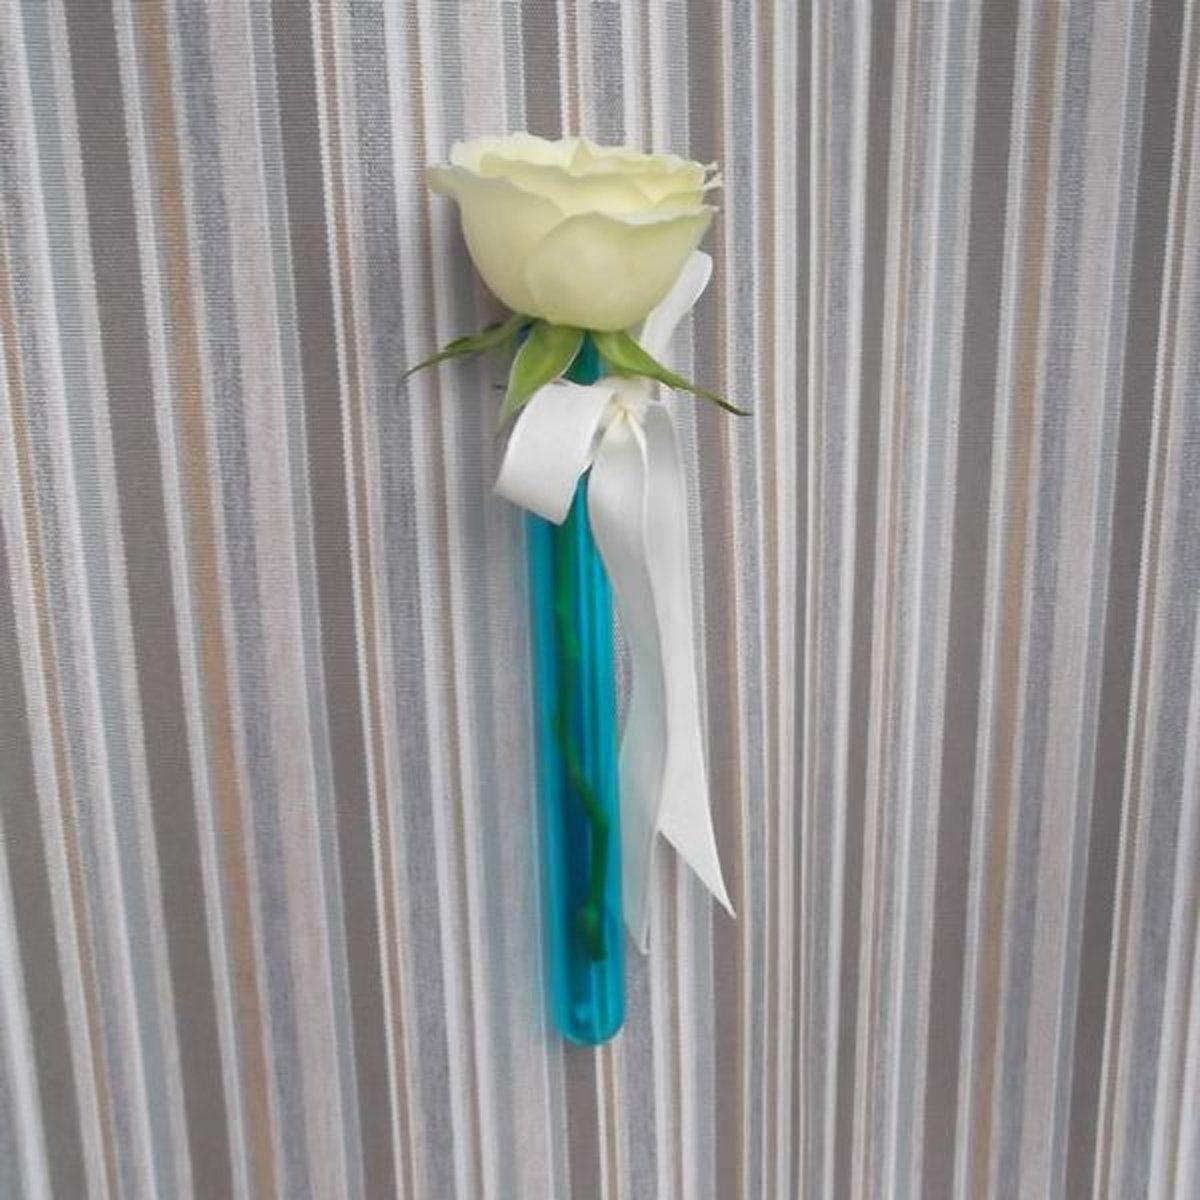 Bloemschikbuisje helder blauw glas 15 cm - set van 17 stuks kopen